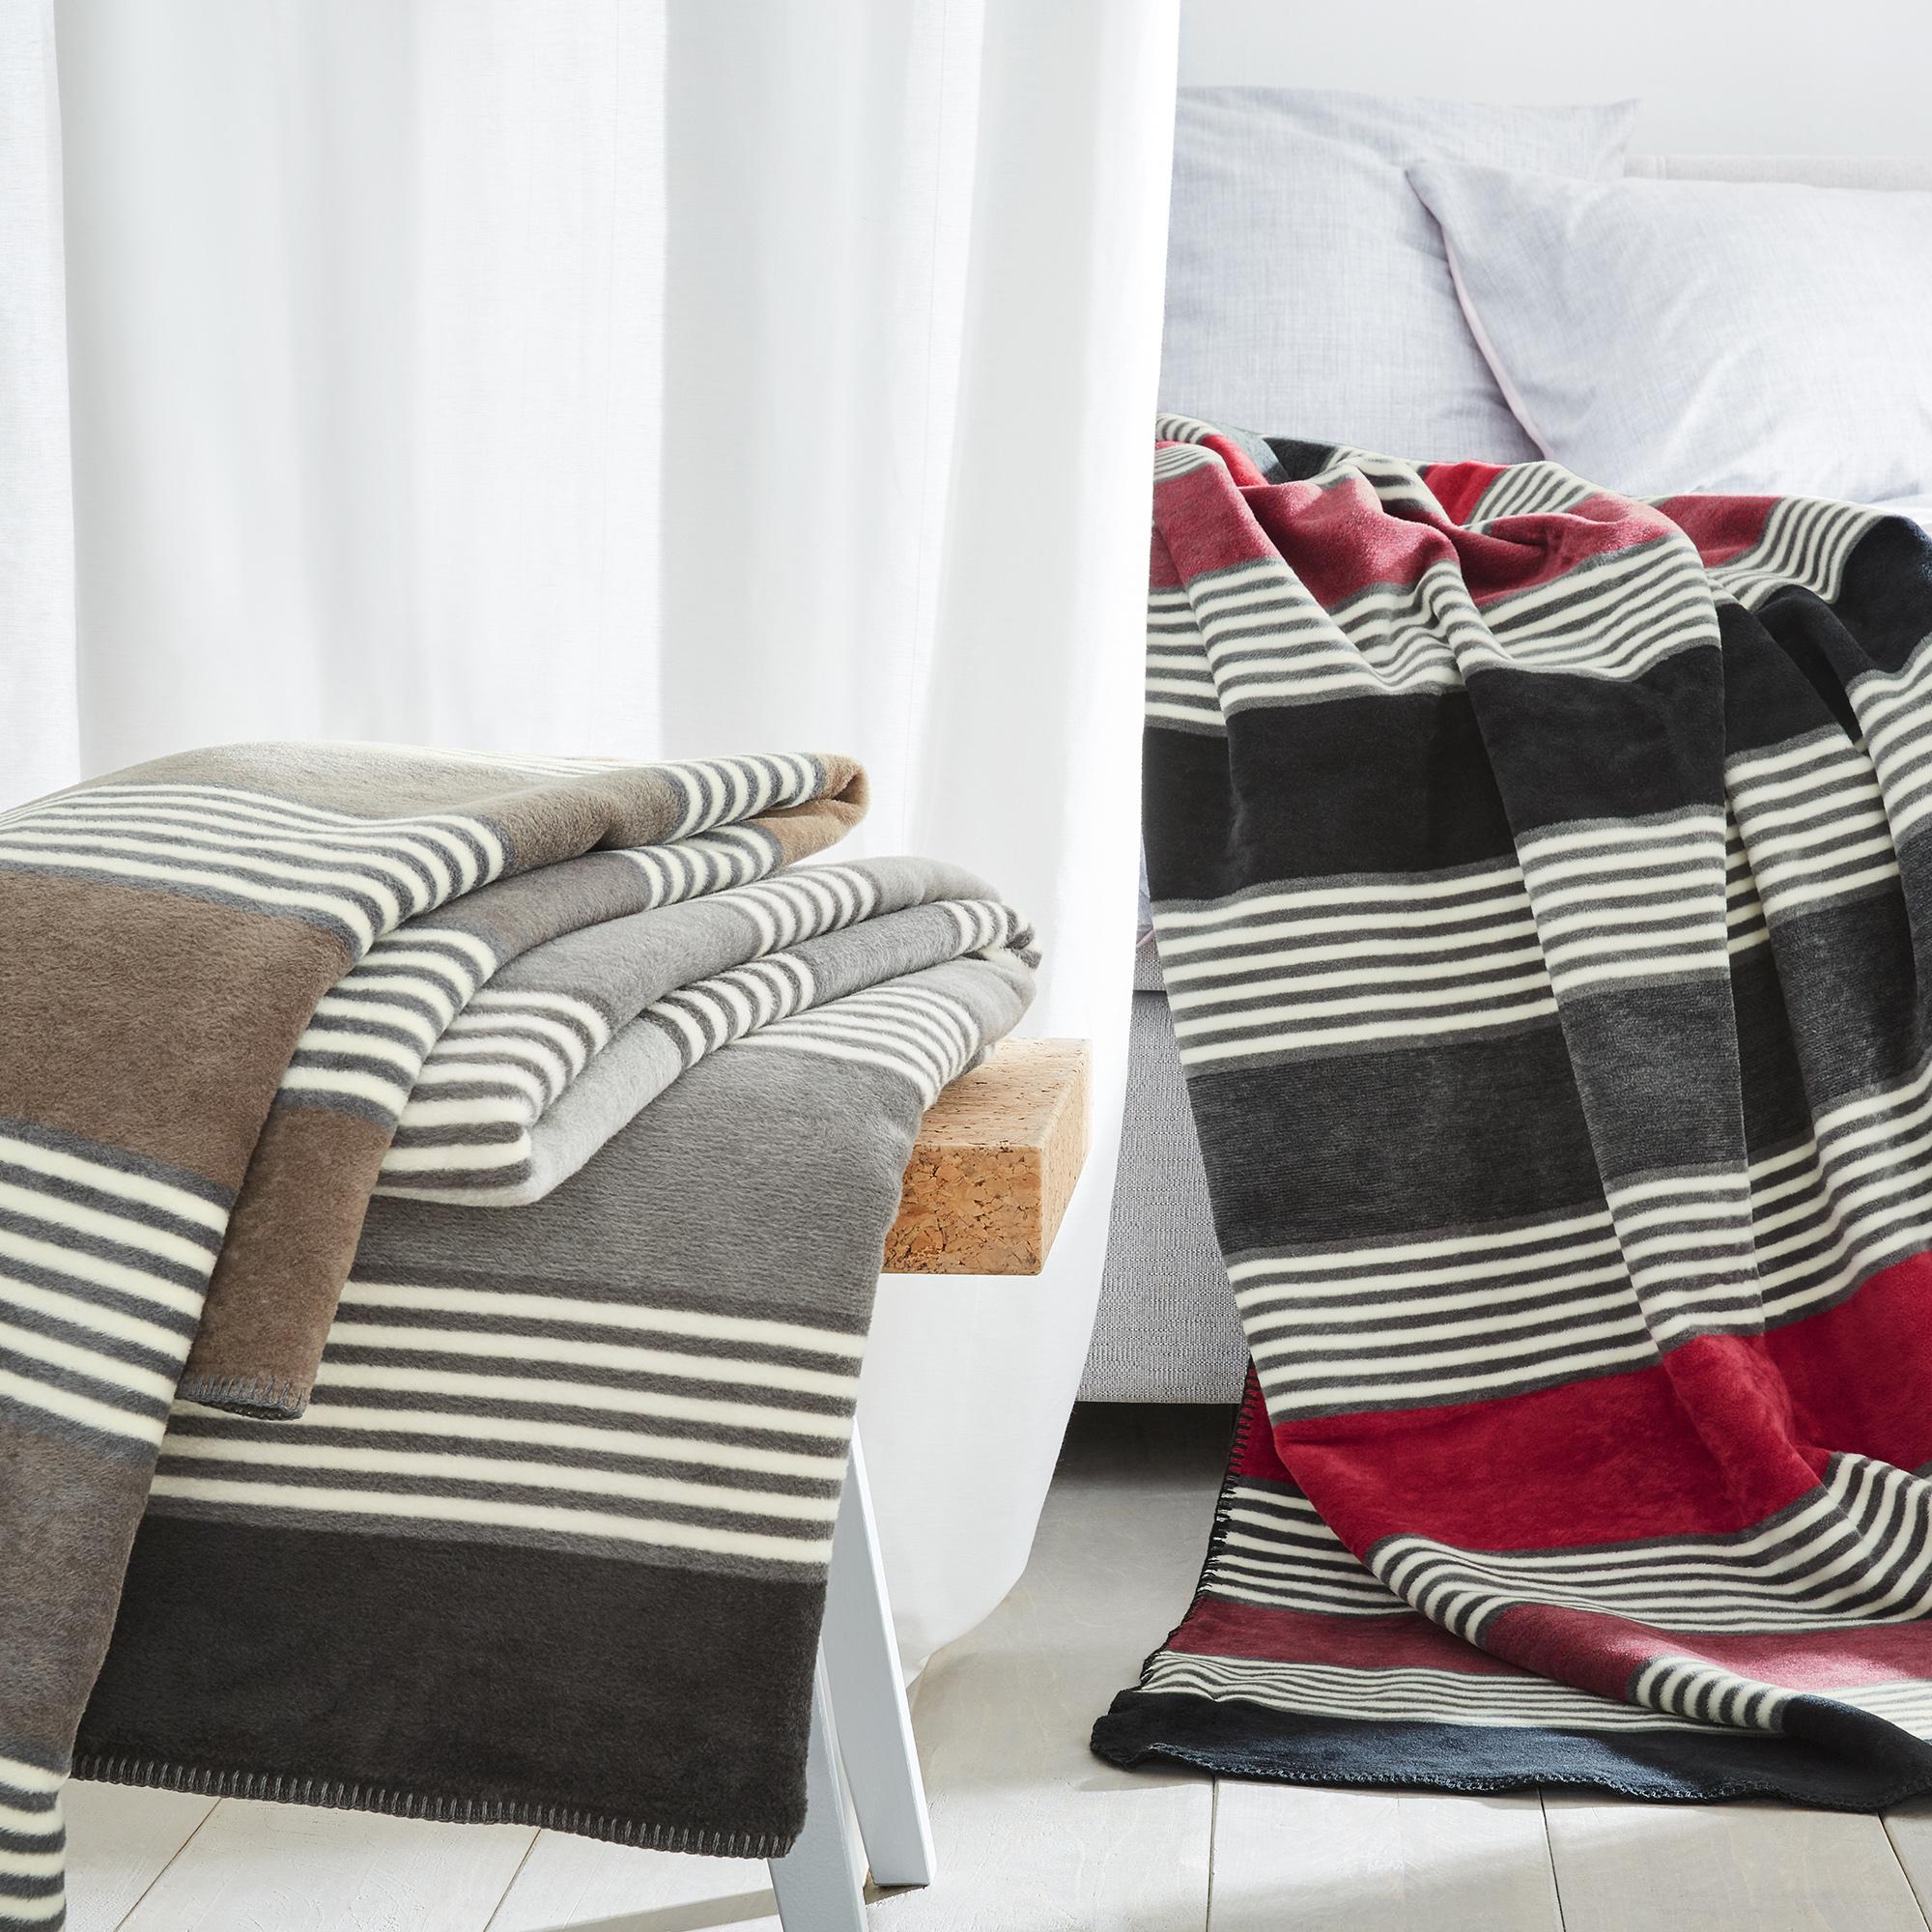 streifen decke ibena elva 3019 kuscheldecke anthrazit rot wolldecke 150 x 200 cm aus. Black Bedroom Furniture Sets. Home Design Ideas